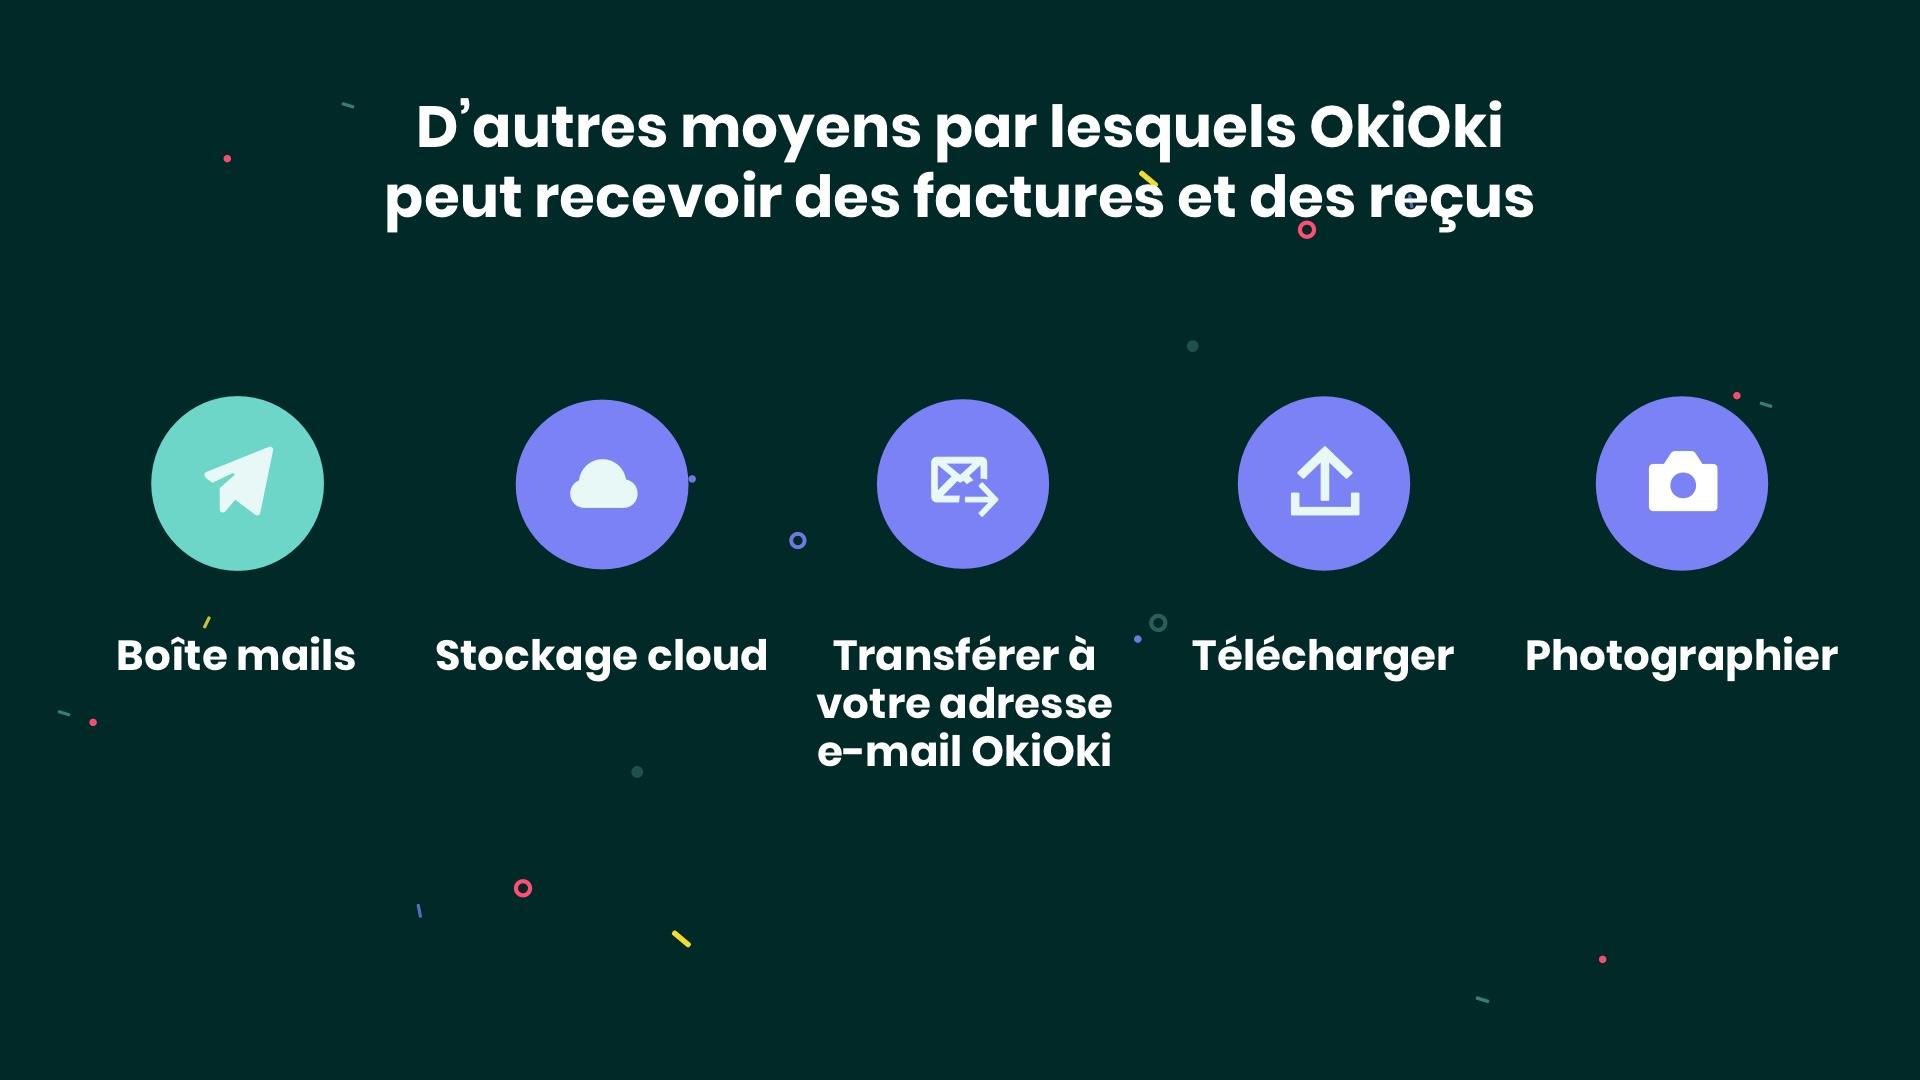 Andere manieren waarop OkiOki facturen en bonnetjes kan ontvangen: mailbox, cloudopslag, doorsturen naar je OkiOki emailadres, uploaden of fotograferen